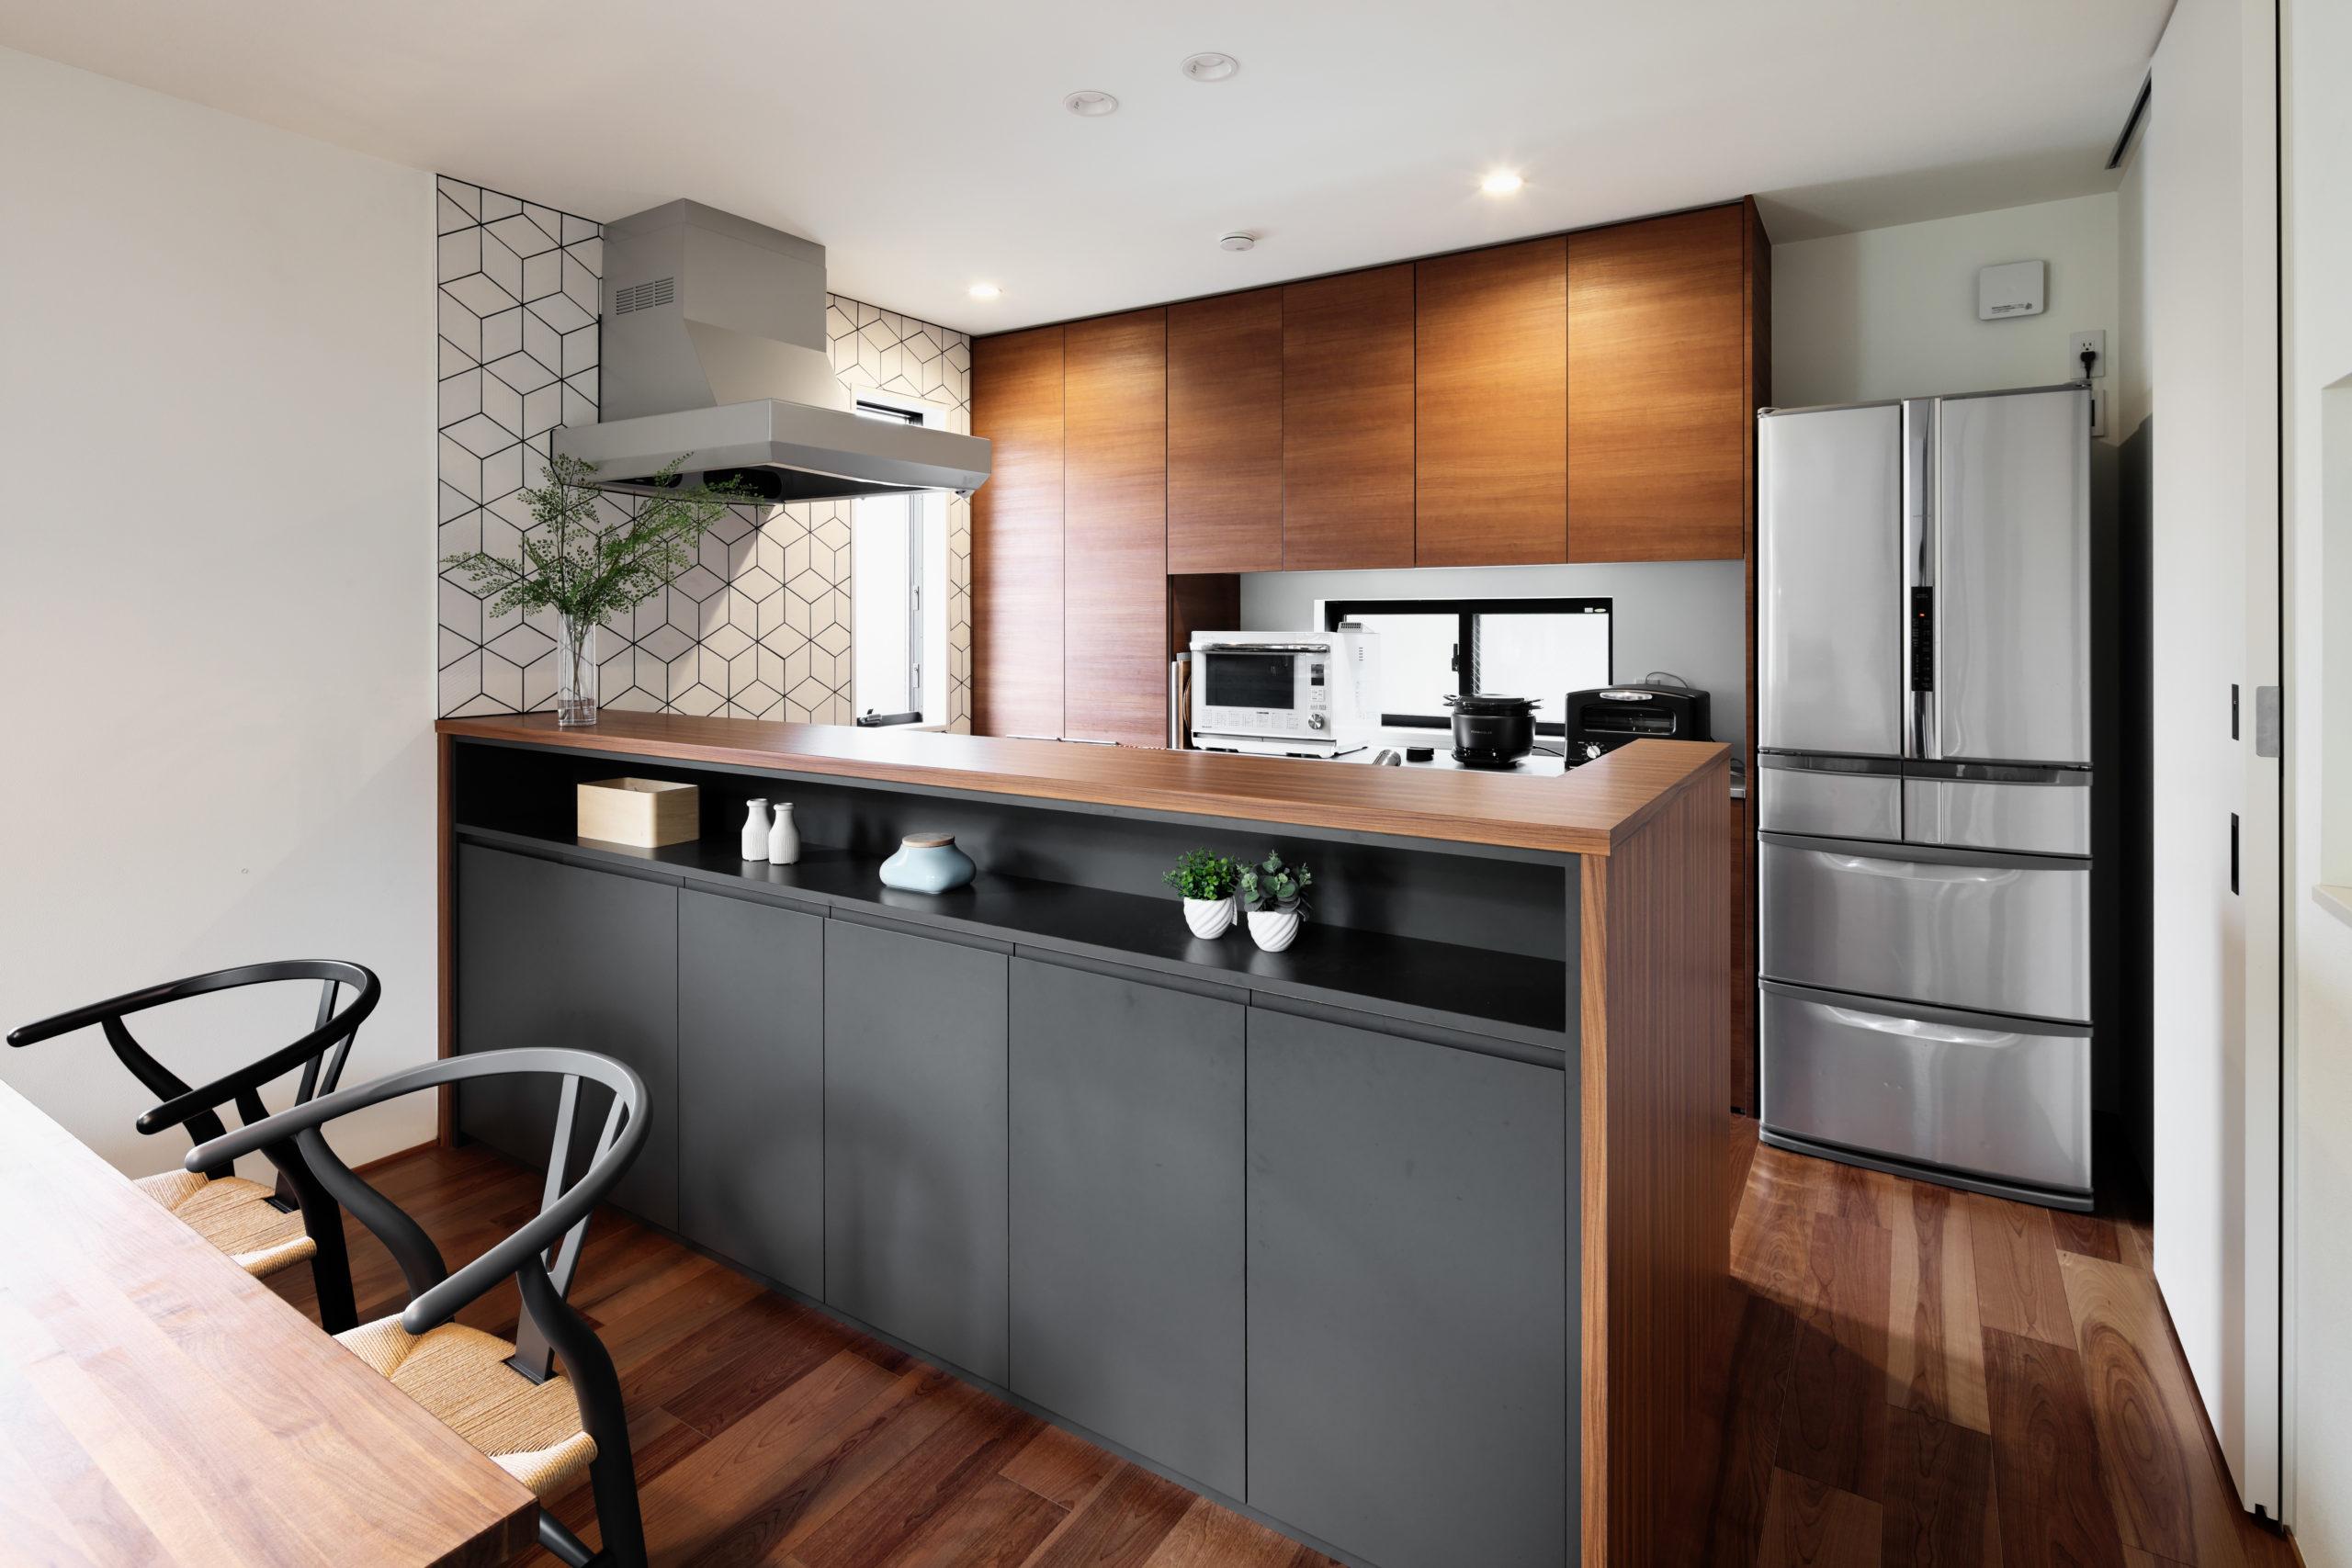 キッチン前の収納はインテリアカラーとなっているグレーでアクセント